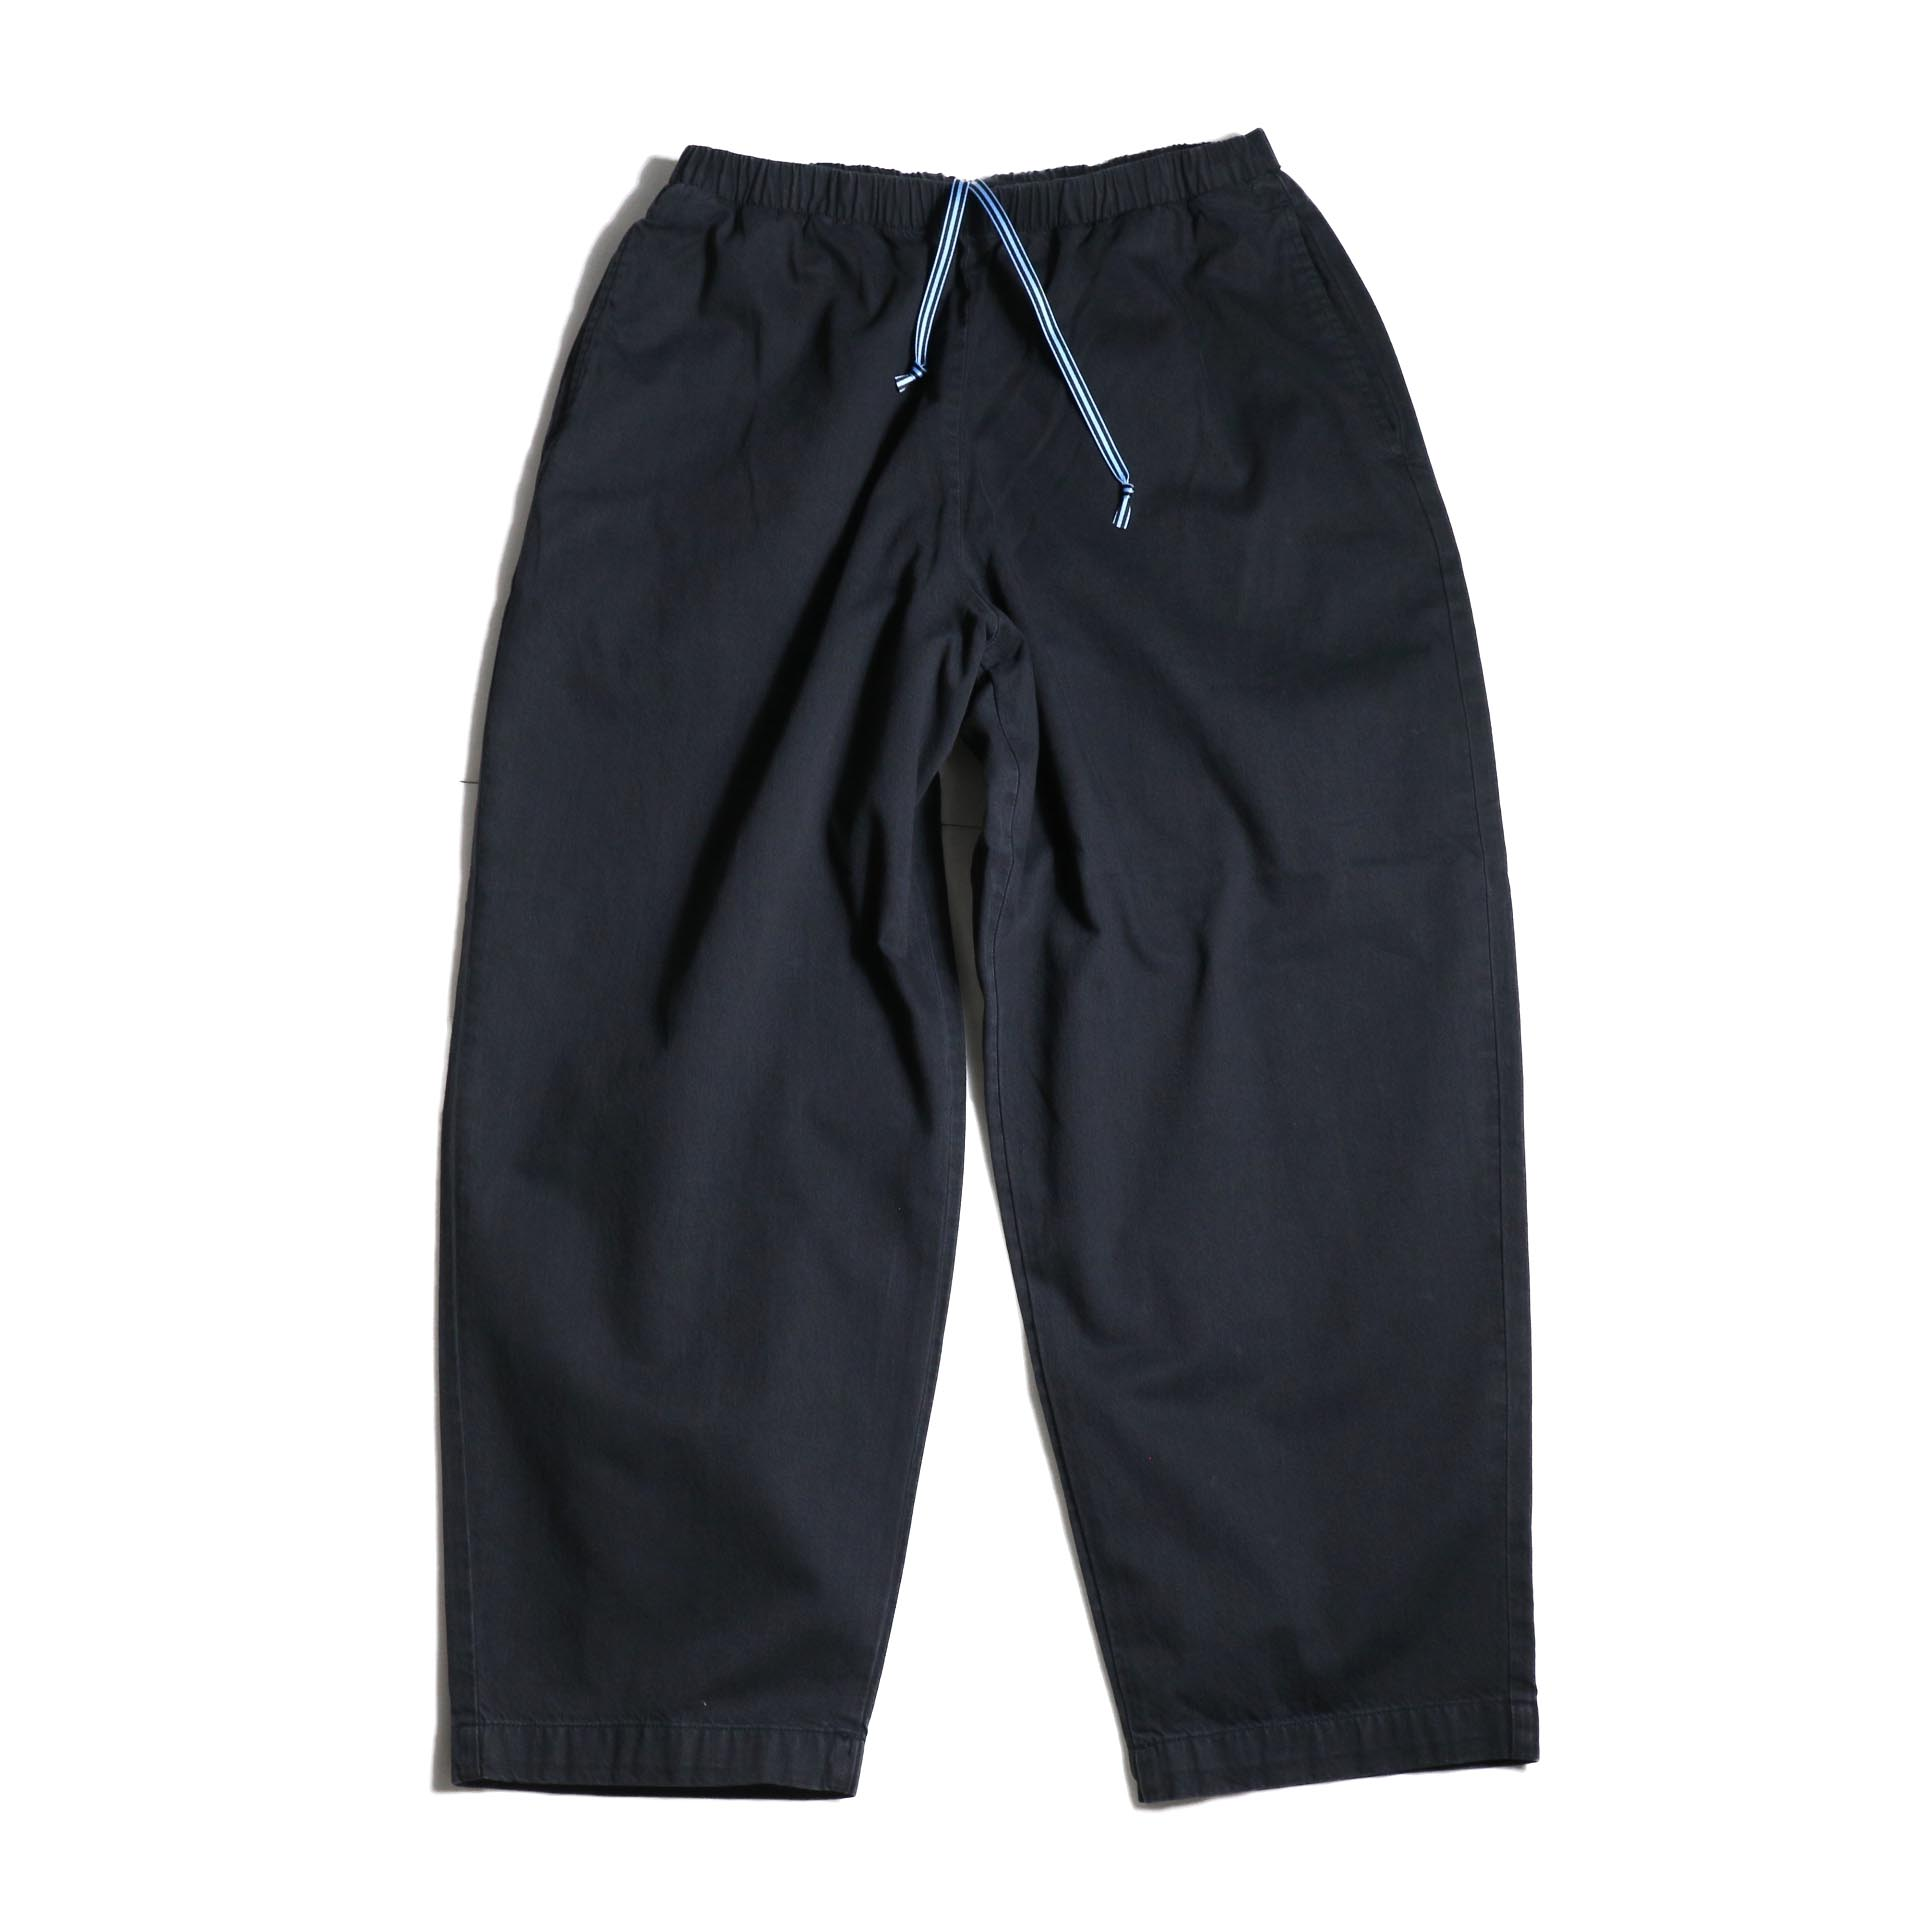 N.HOOLYWOOD / 1201-CP07-051 Wide Easy Pants (Black)